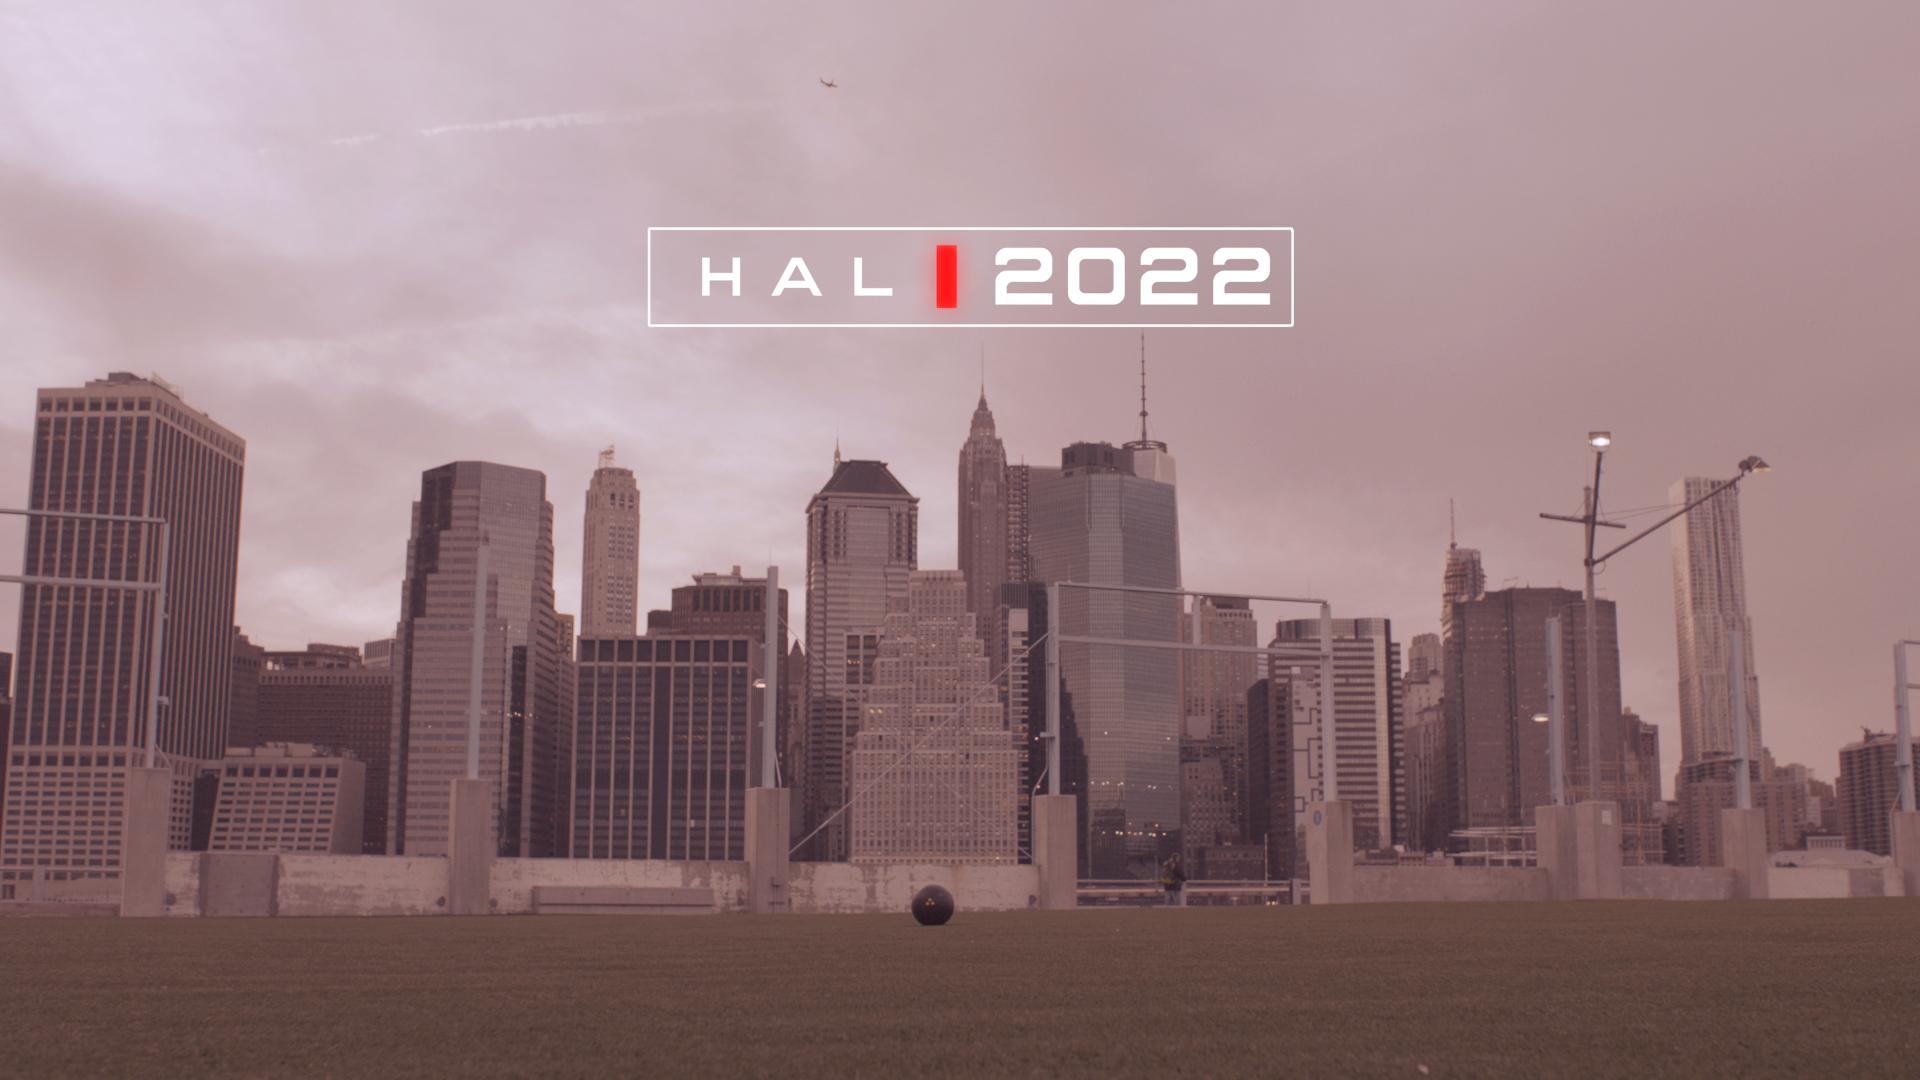 HAL2022 is coming_Still_Sumti2017.jpg